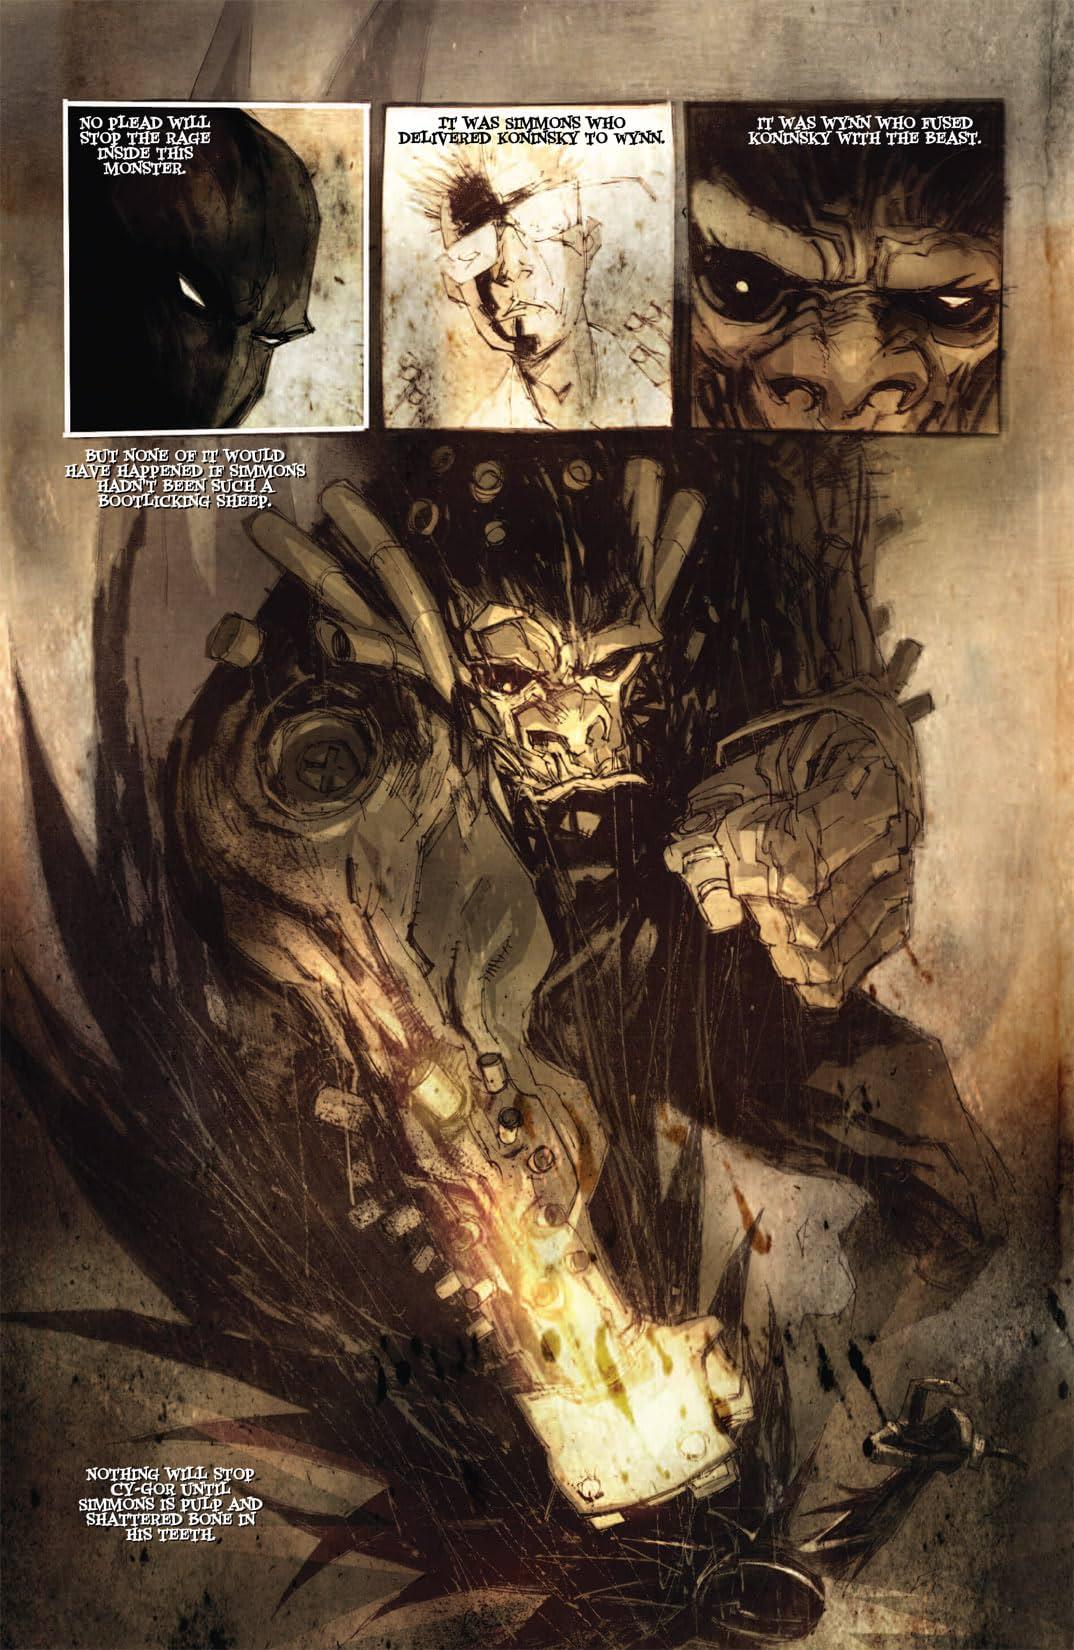 Hellspawn #10